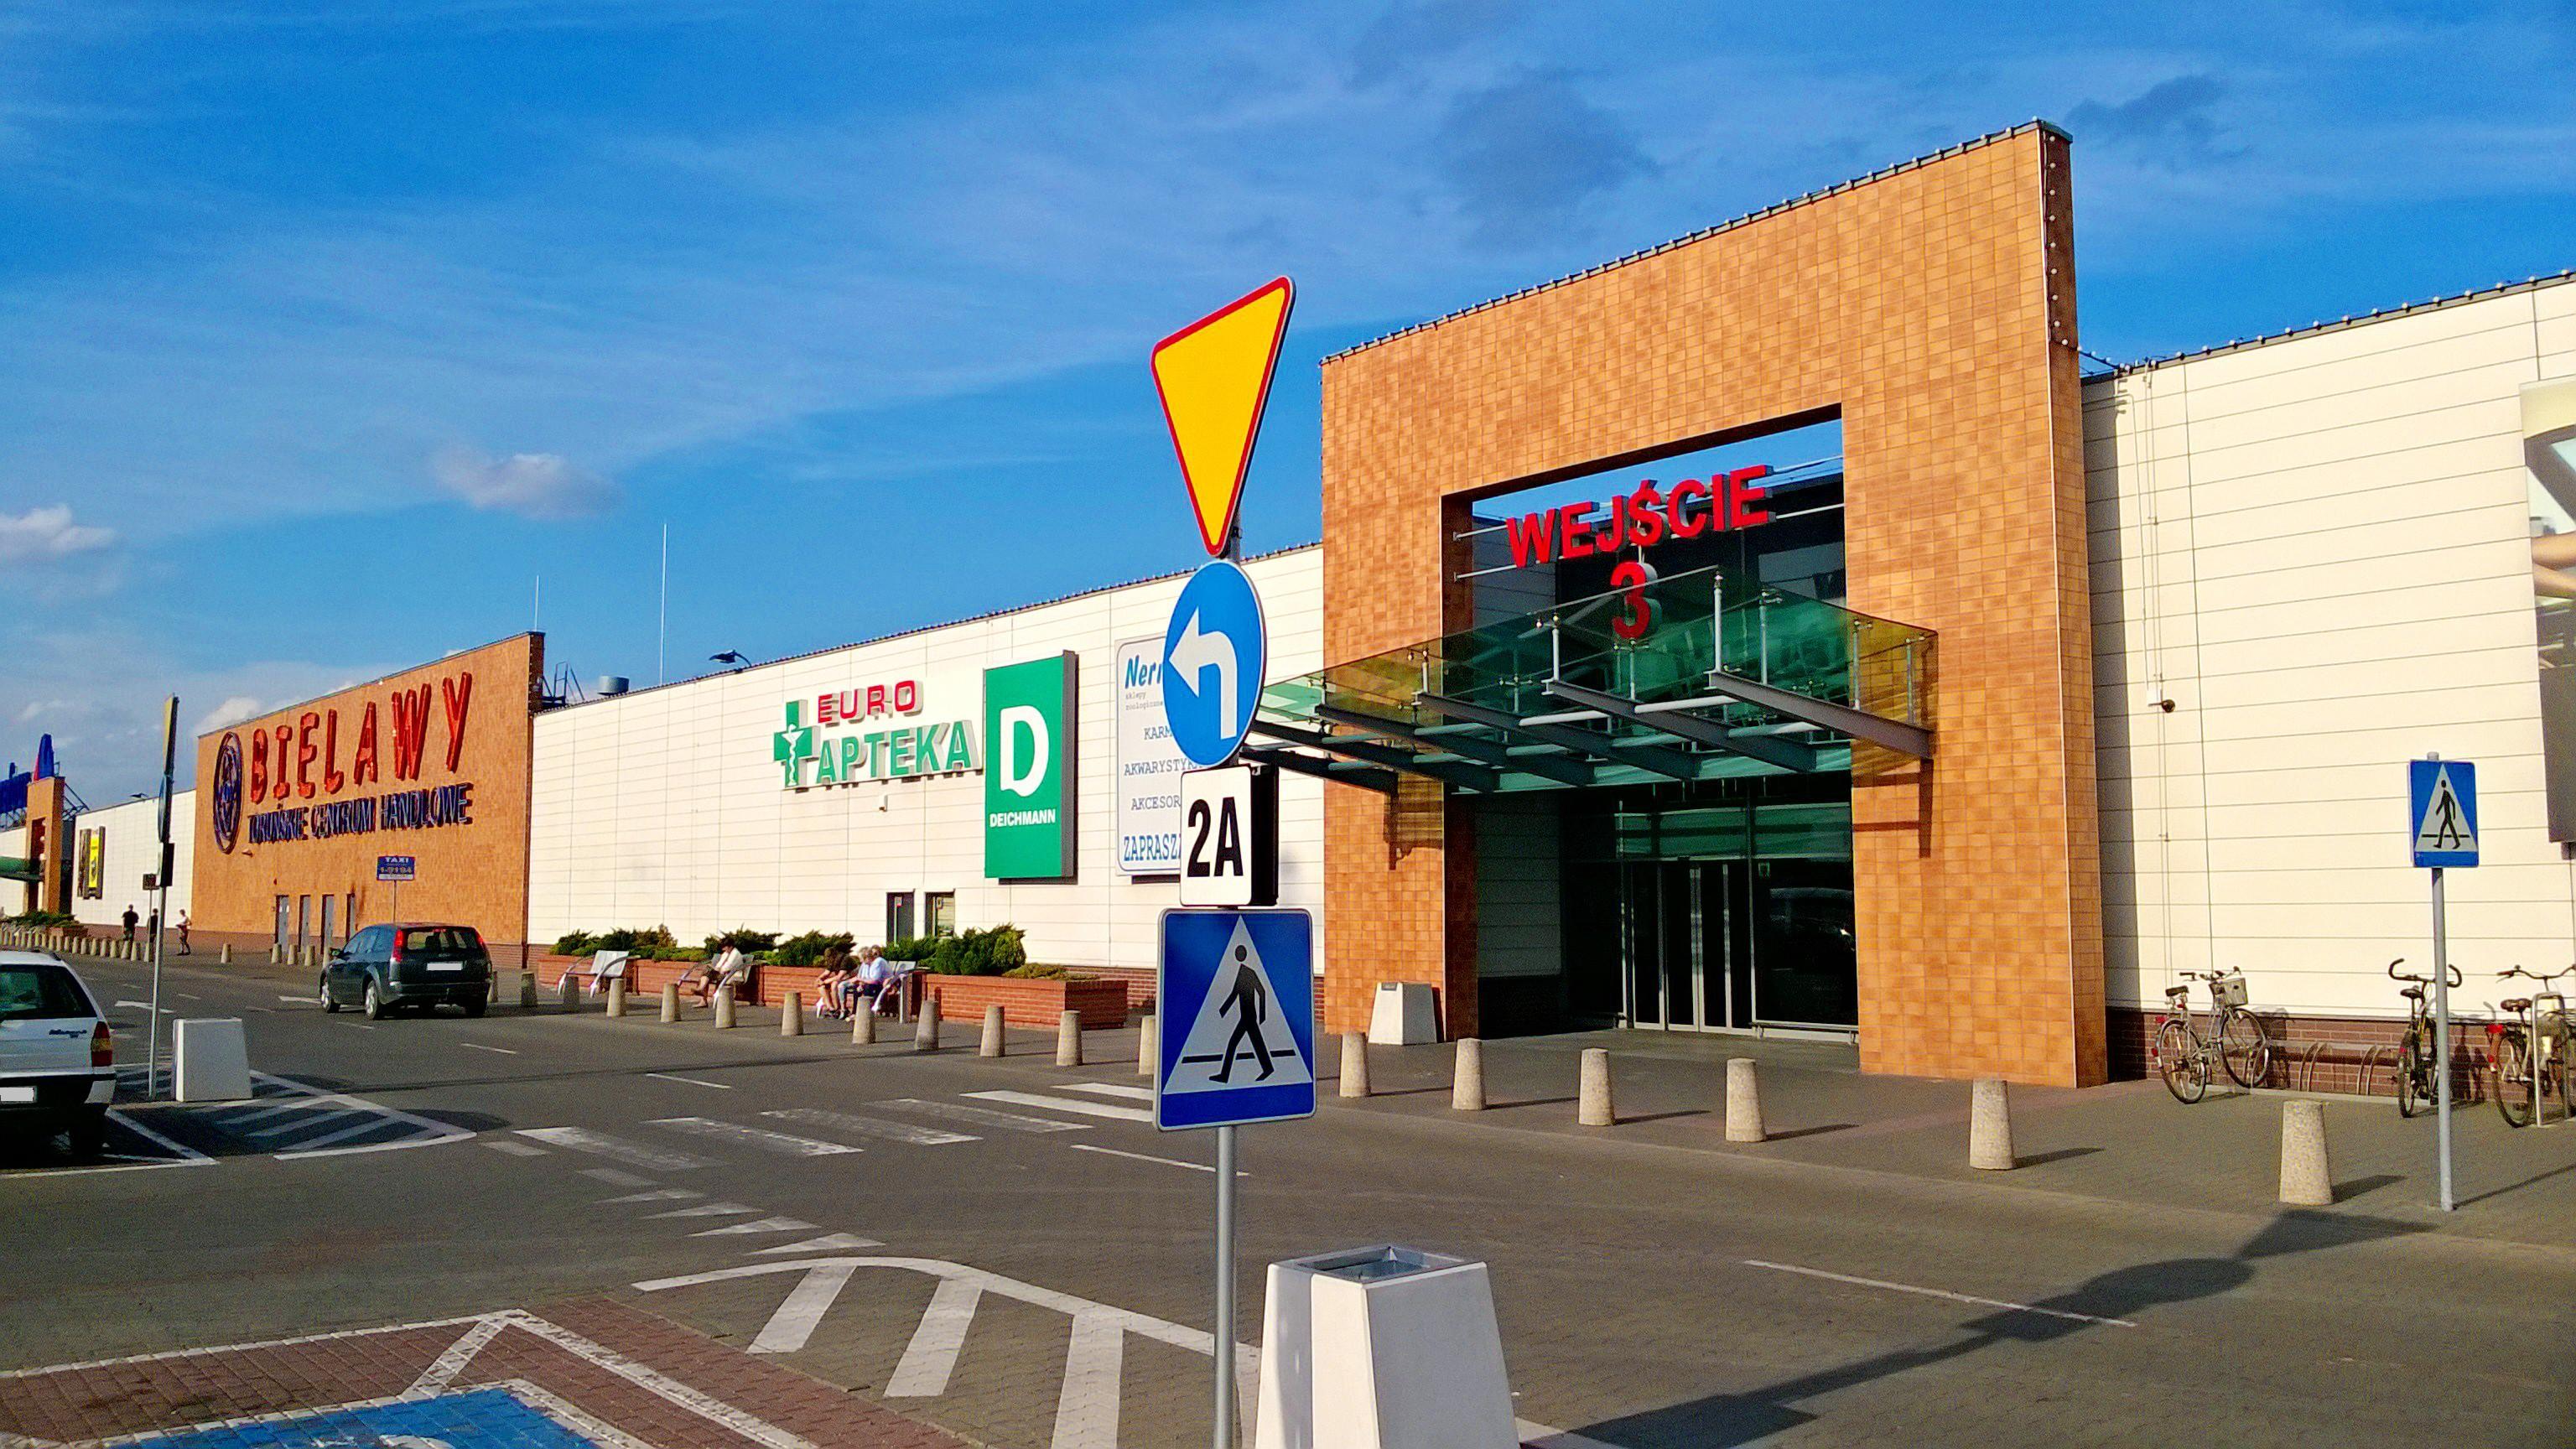 Centrum Handlowe Bielawy Wikipedia Wolna Encyklopedia